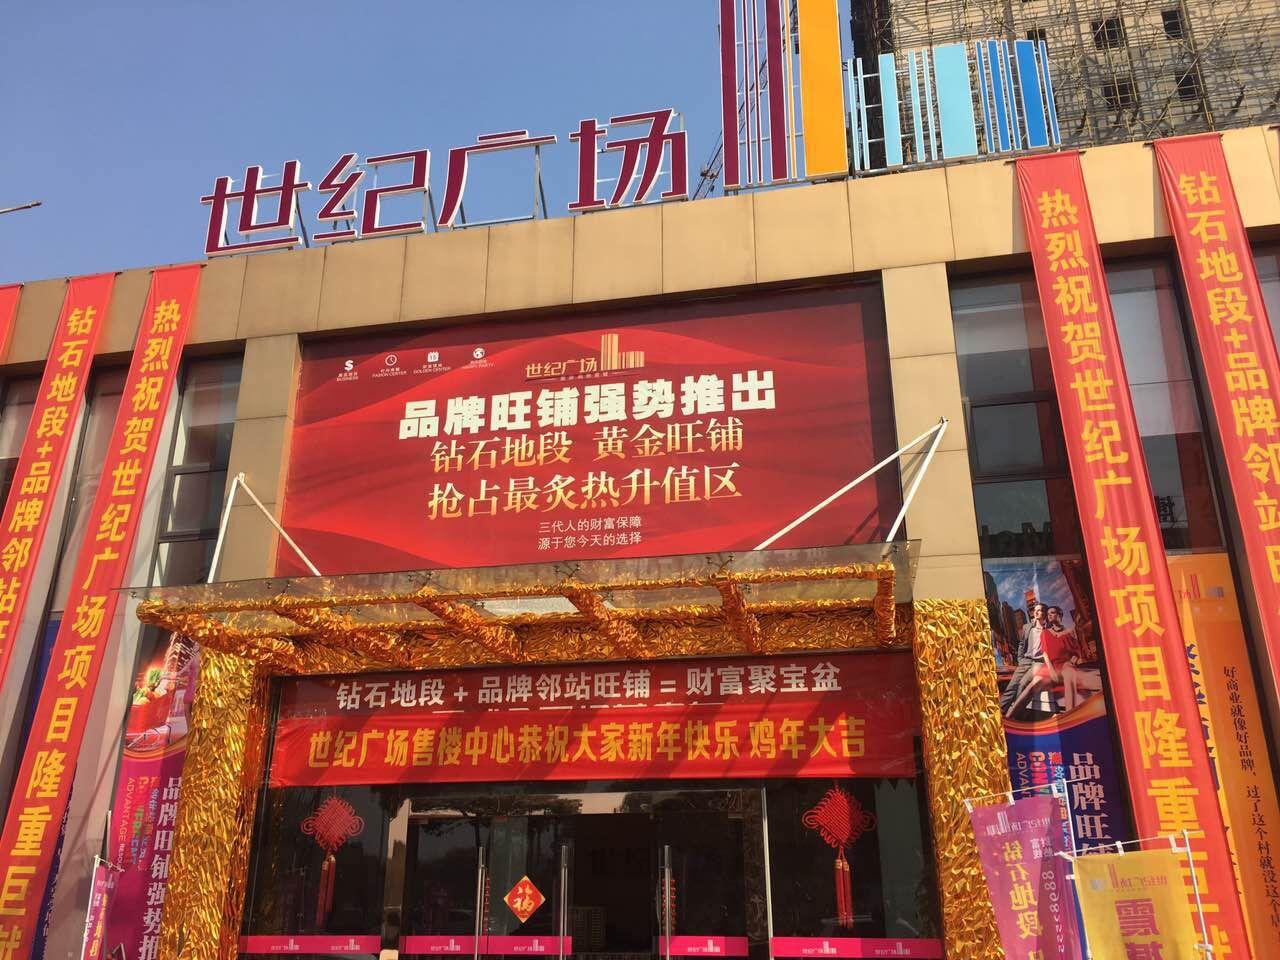 桐乡世纪广场  餐饮美食  休闲娱乐  商务交际  社群居住